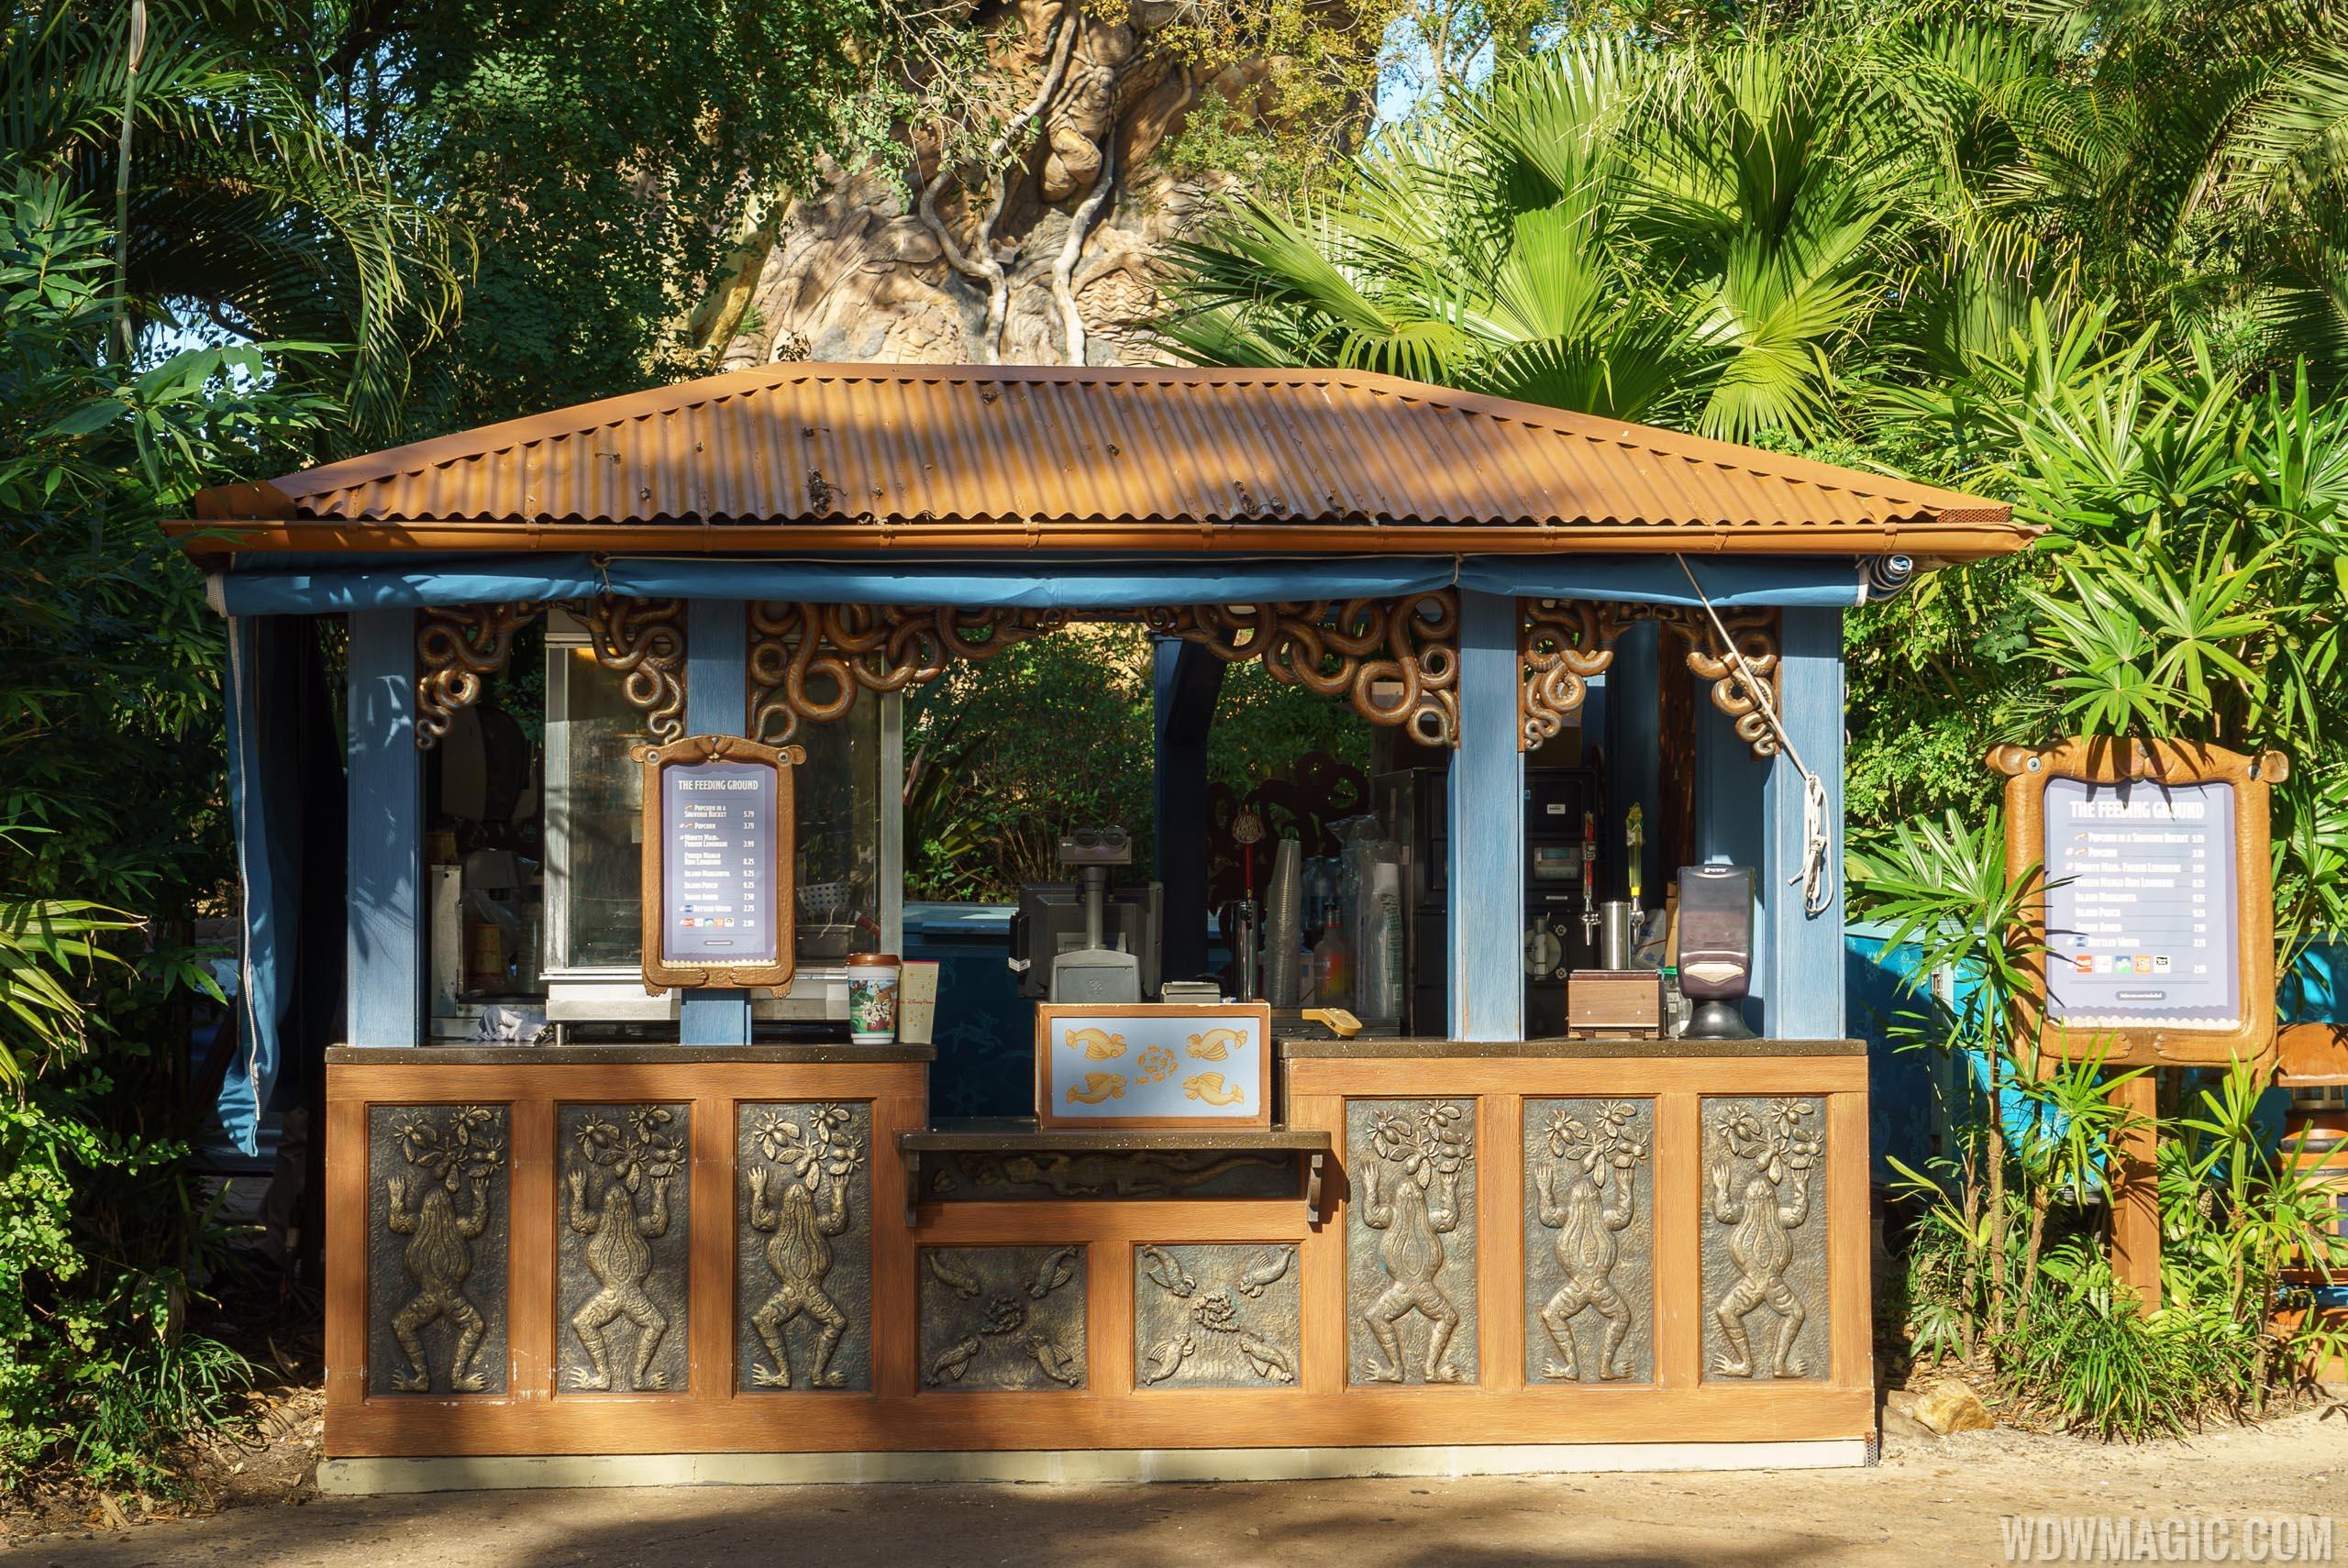 The Feeding Ground kiosk